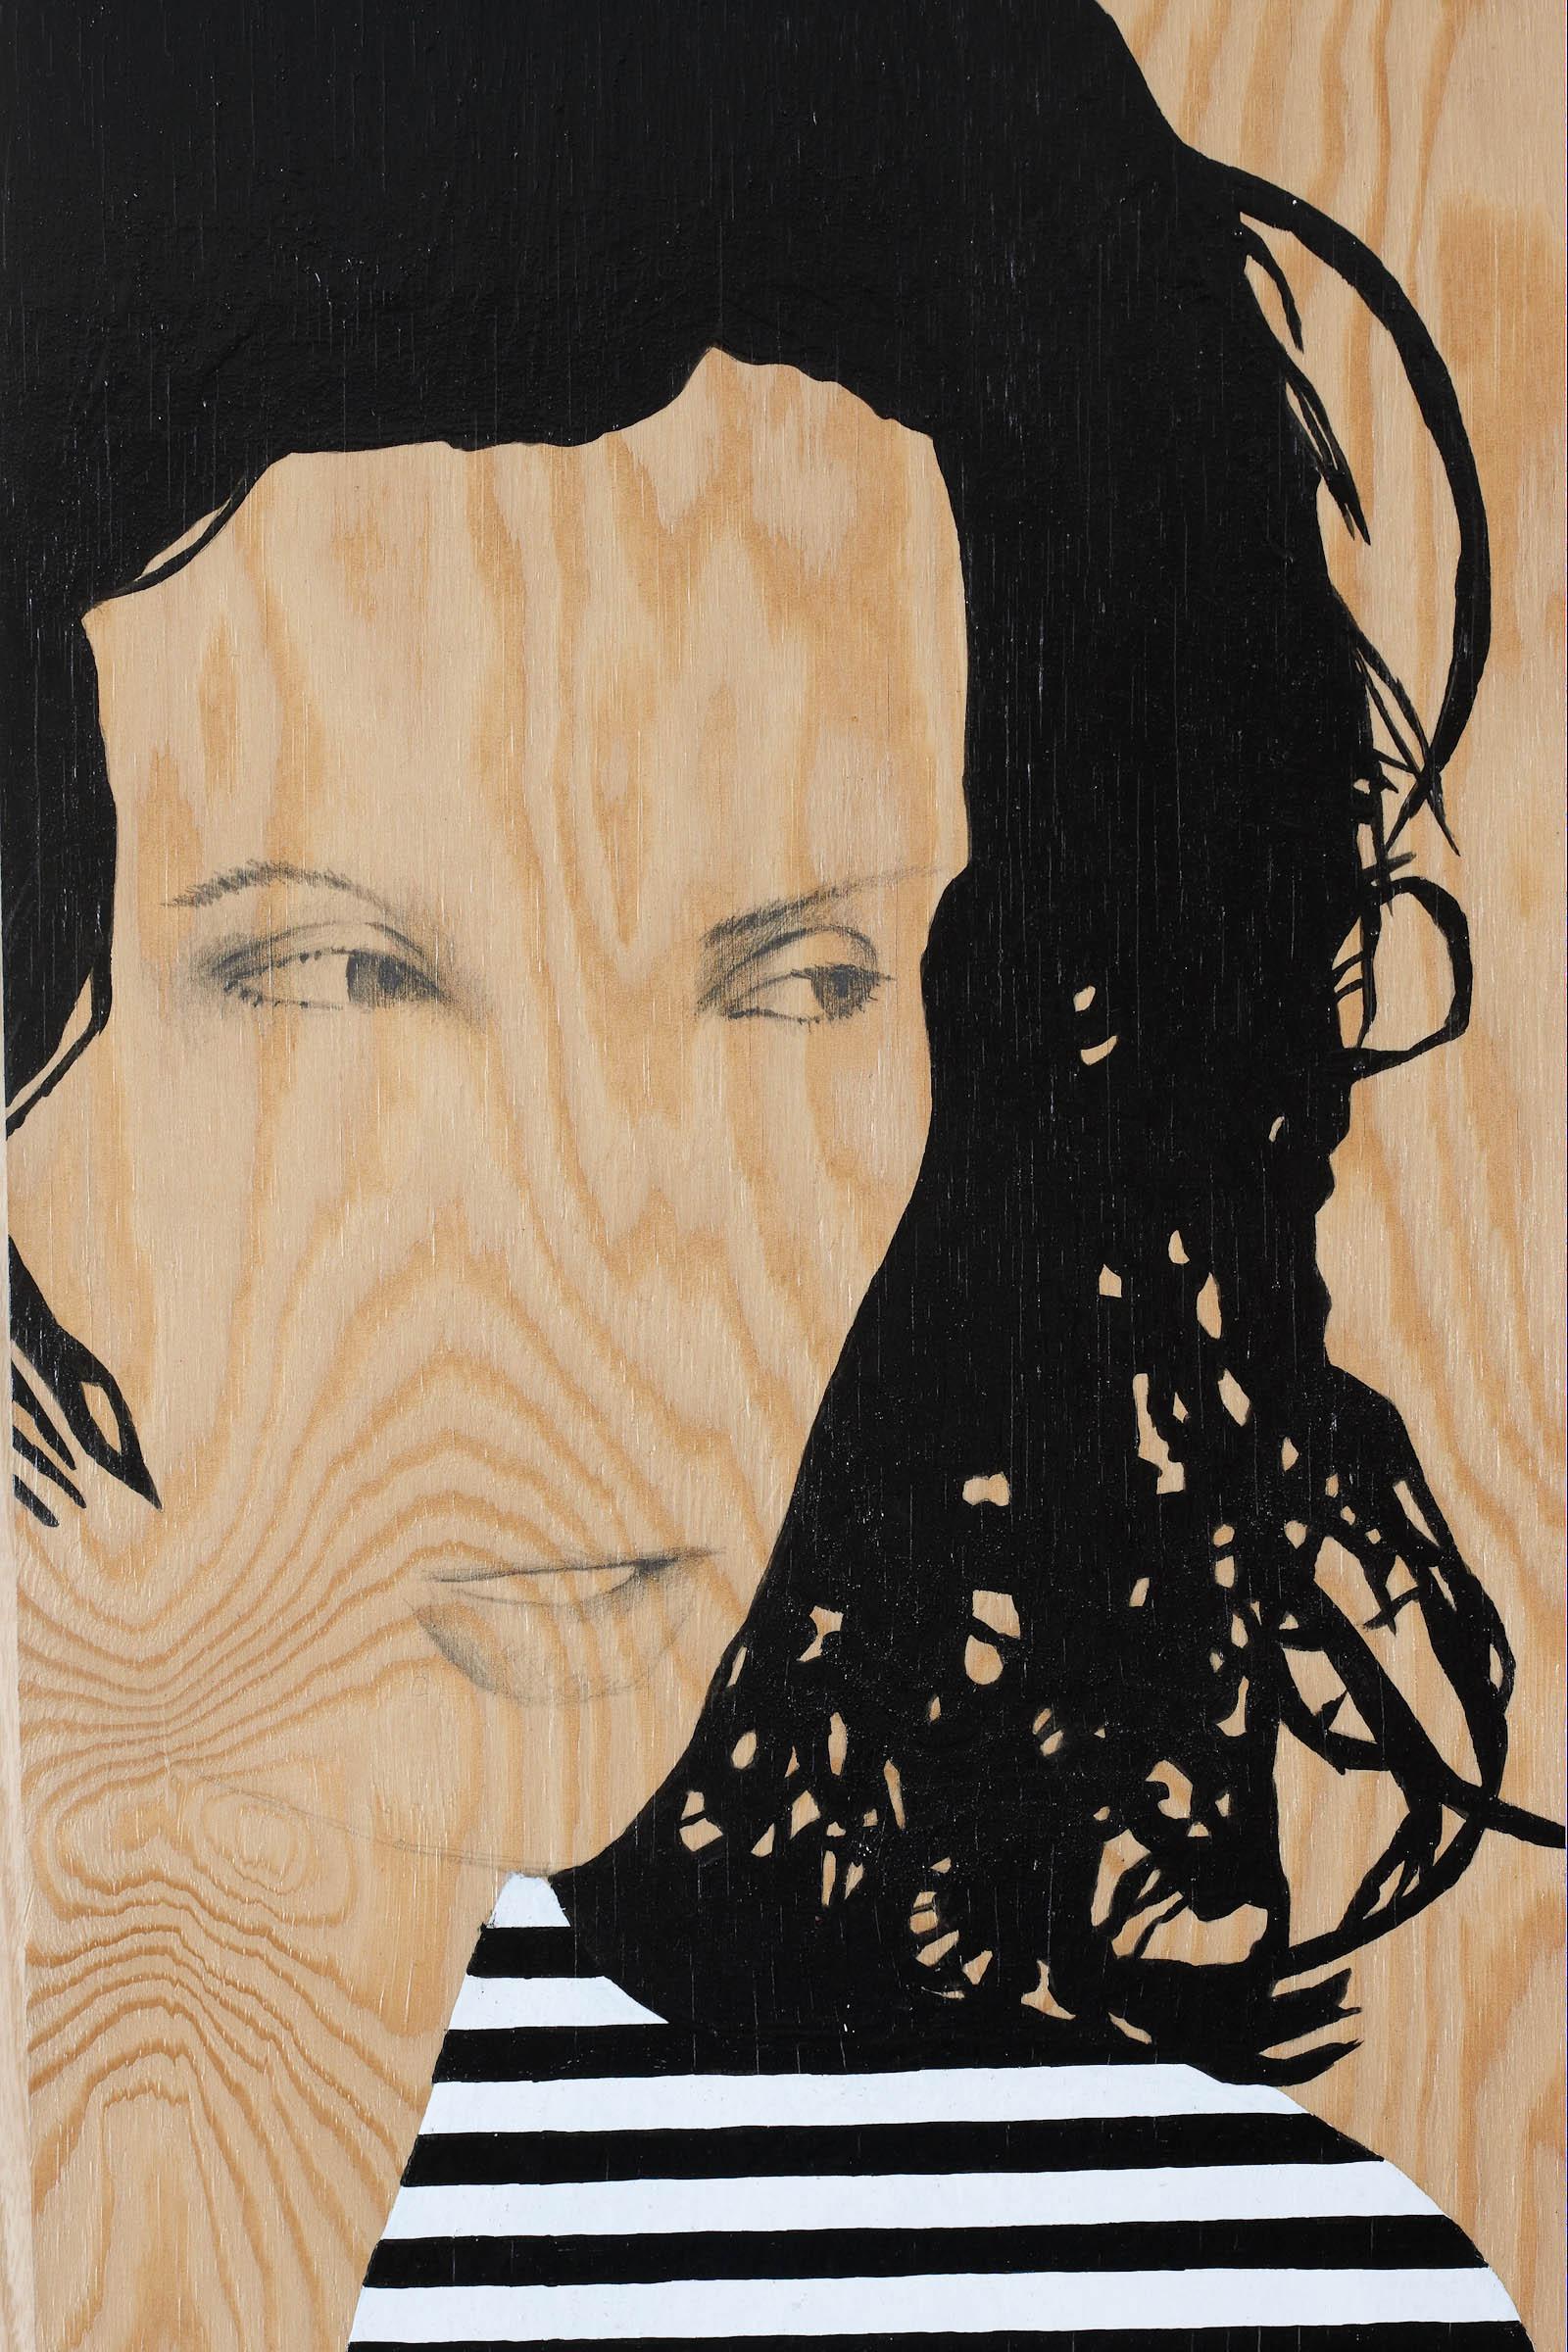 Målning på trä av kvinna i randig tröja som tittar åt sidan. Utsnitt med kvinnans ansikte. Robert Lucander, 13 målningar